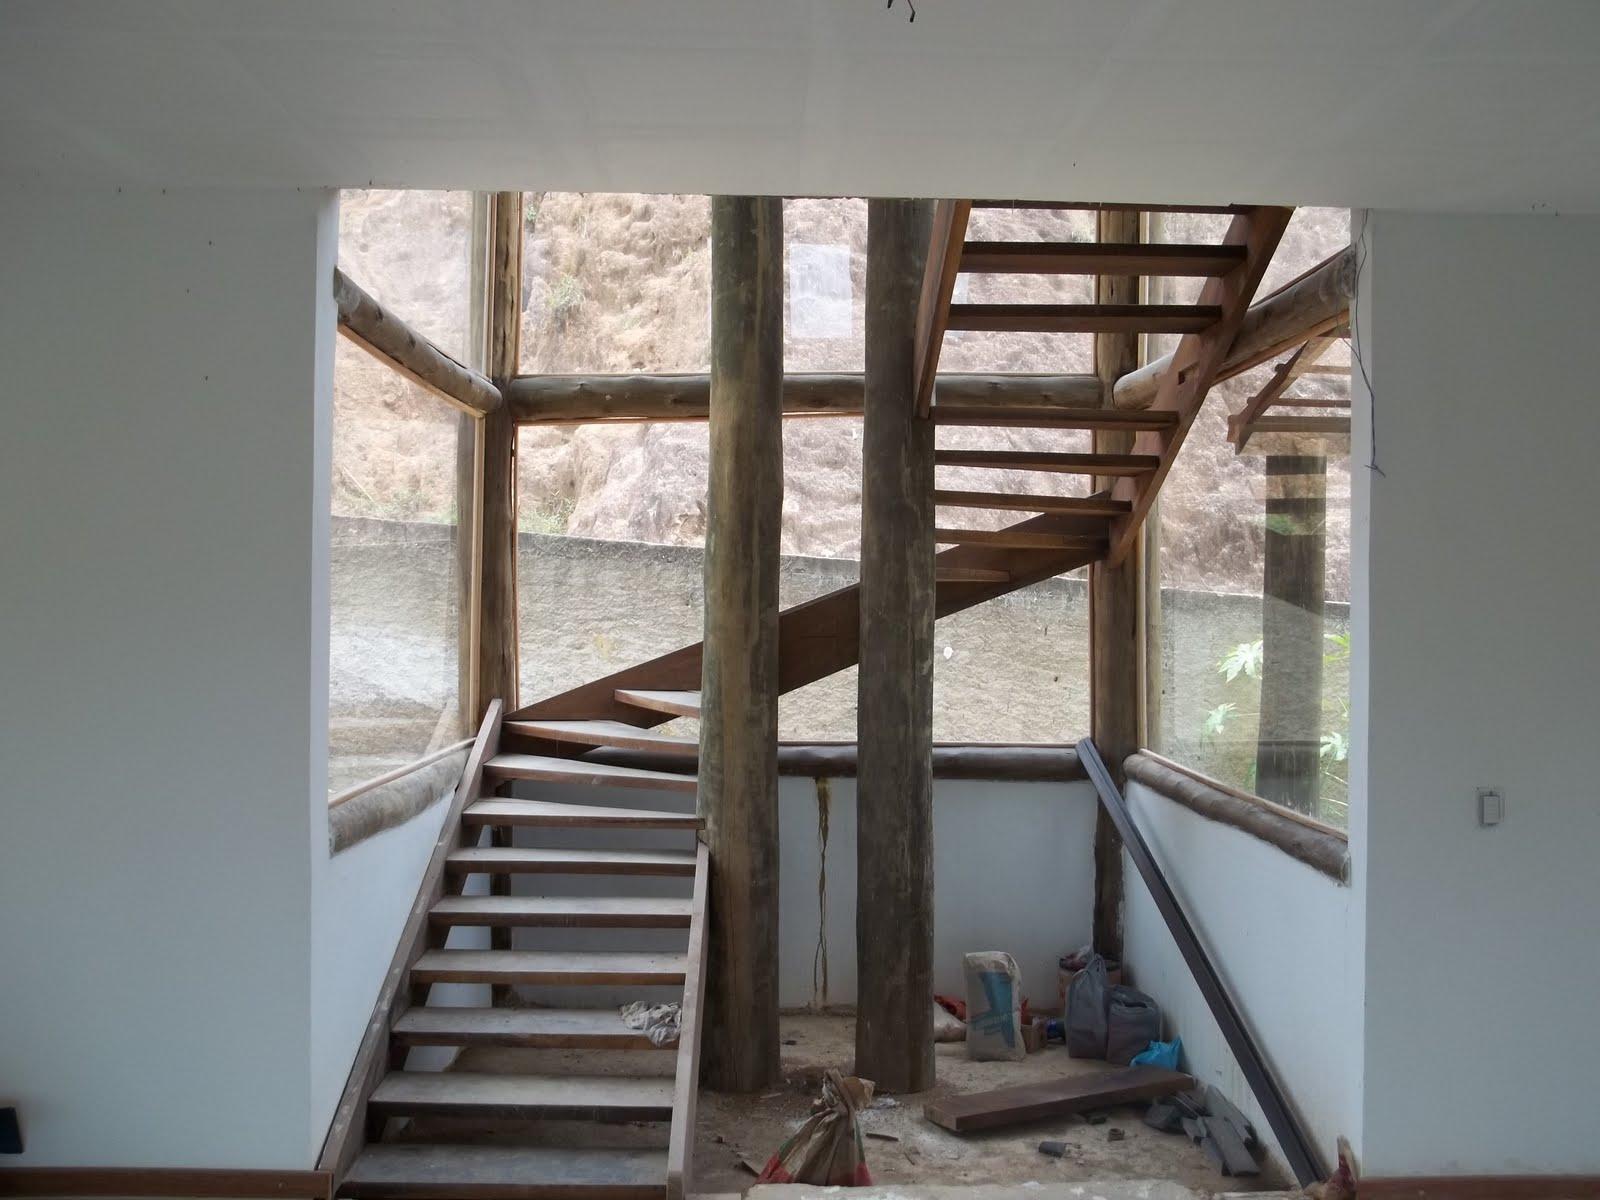 Serviços de Carpintaria!: Escada de madeira em Z  #5D4B3F 1600x1200